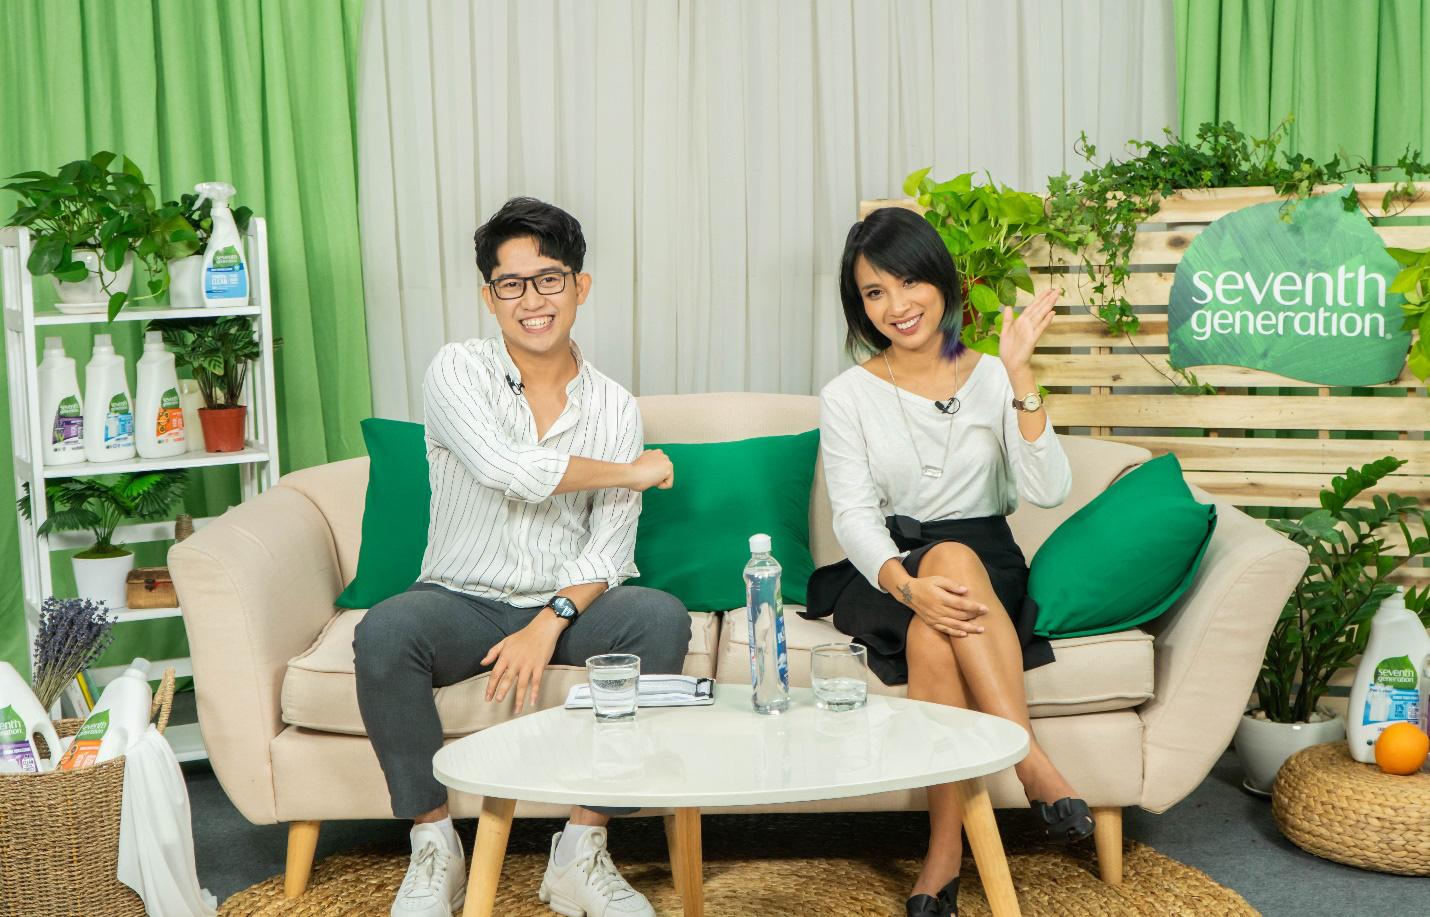 Giật mình với những chia sẻ của MC Thùy Minh về biến đổi khí hậu và sống xanh - Ảnh 6.